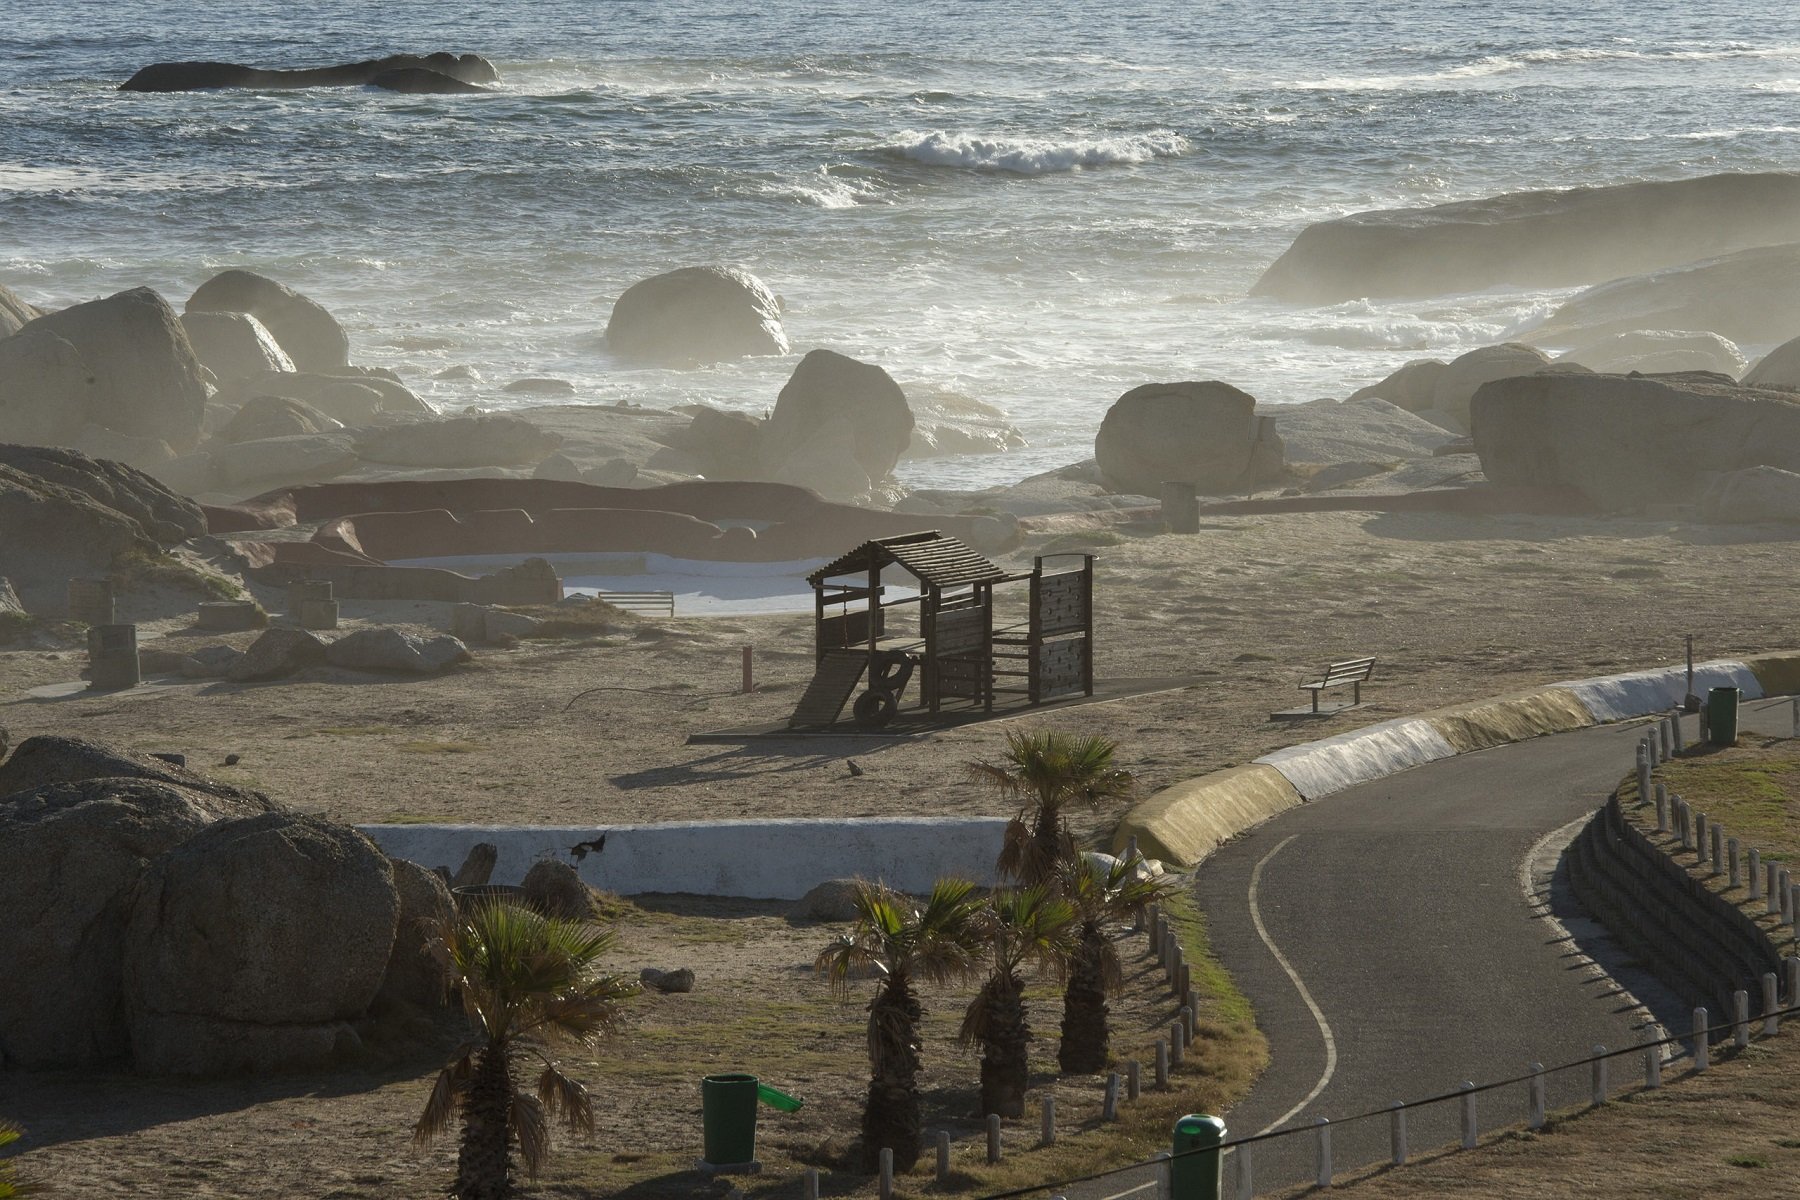 Νότια Αφρική: Ο τουρισμός βρίσκεται στα όρια με τον διπλό αντίκτυπο του κορωνοϊού και των ταραχών